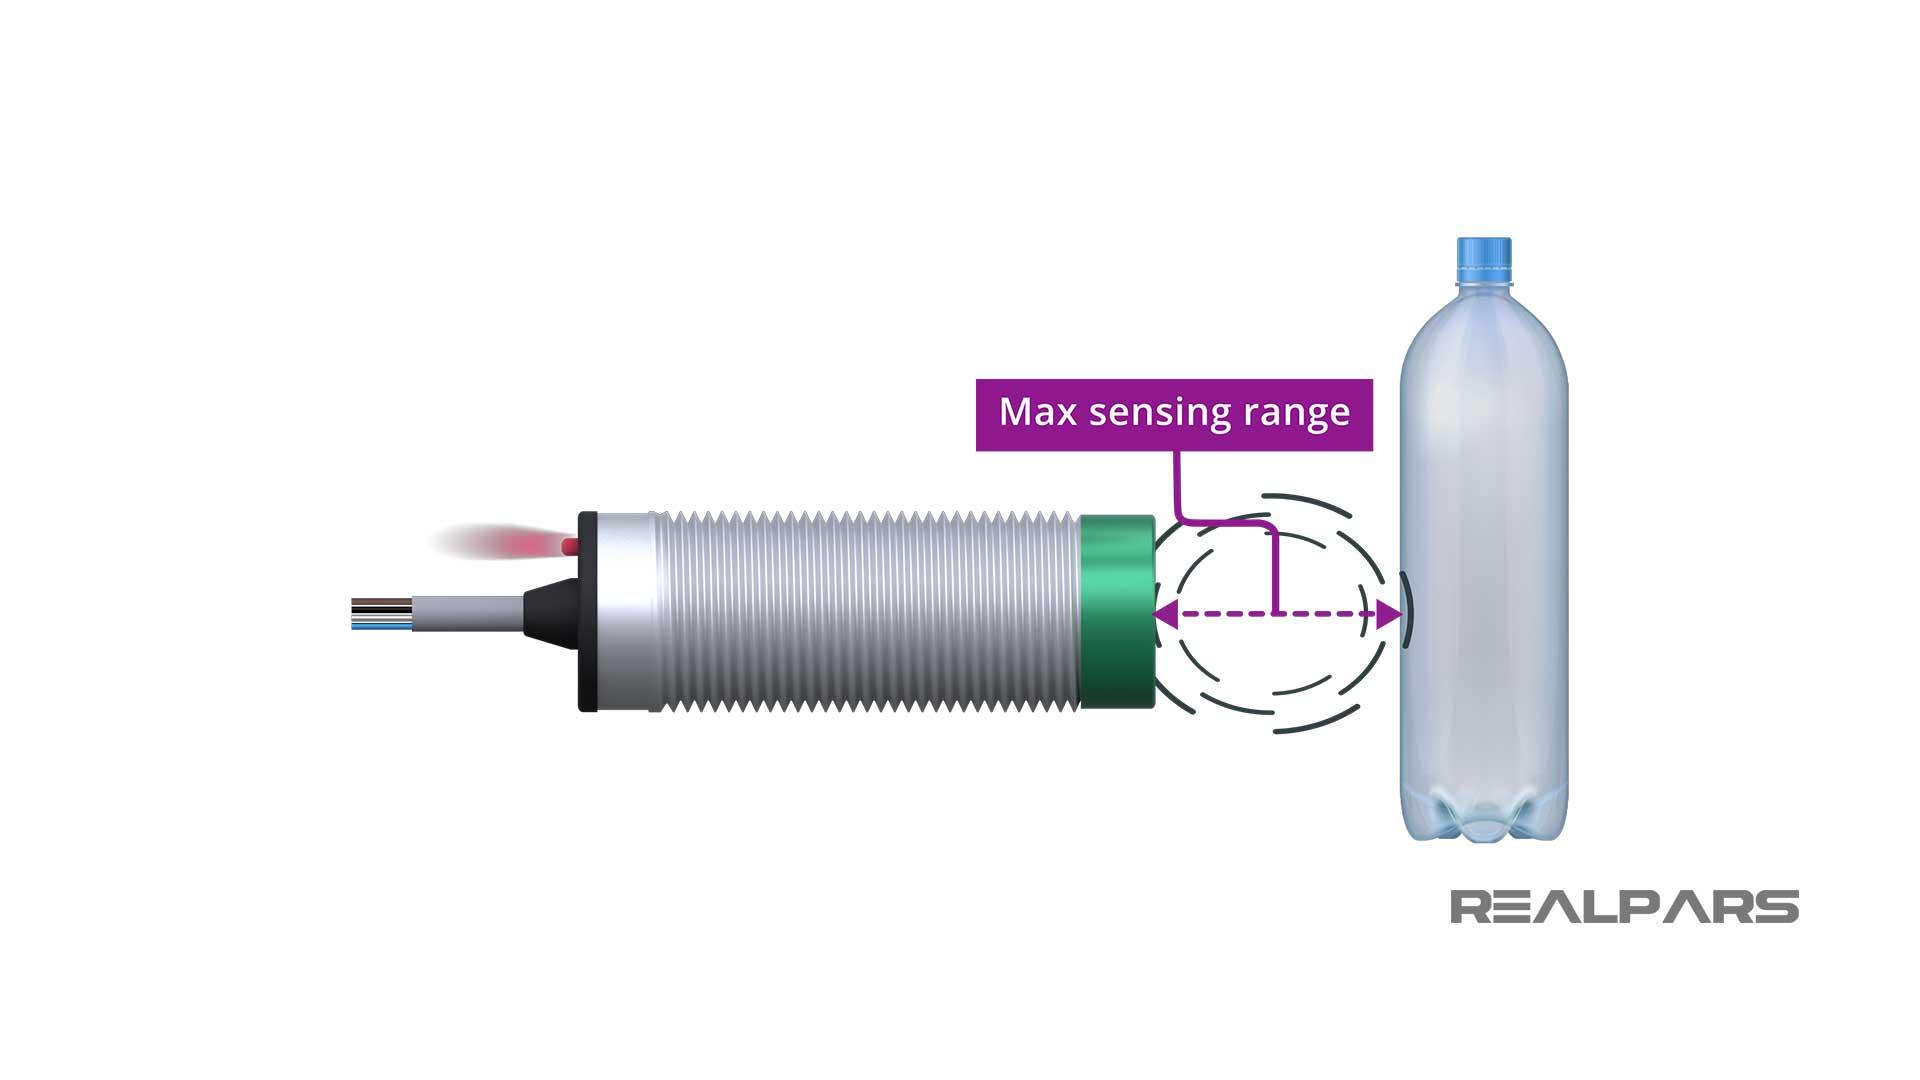 Sensing-range